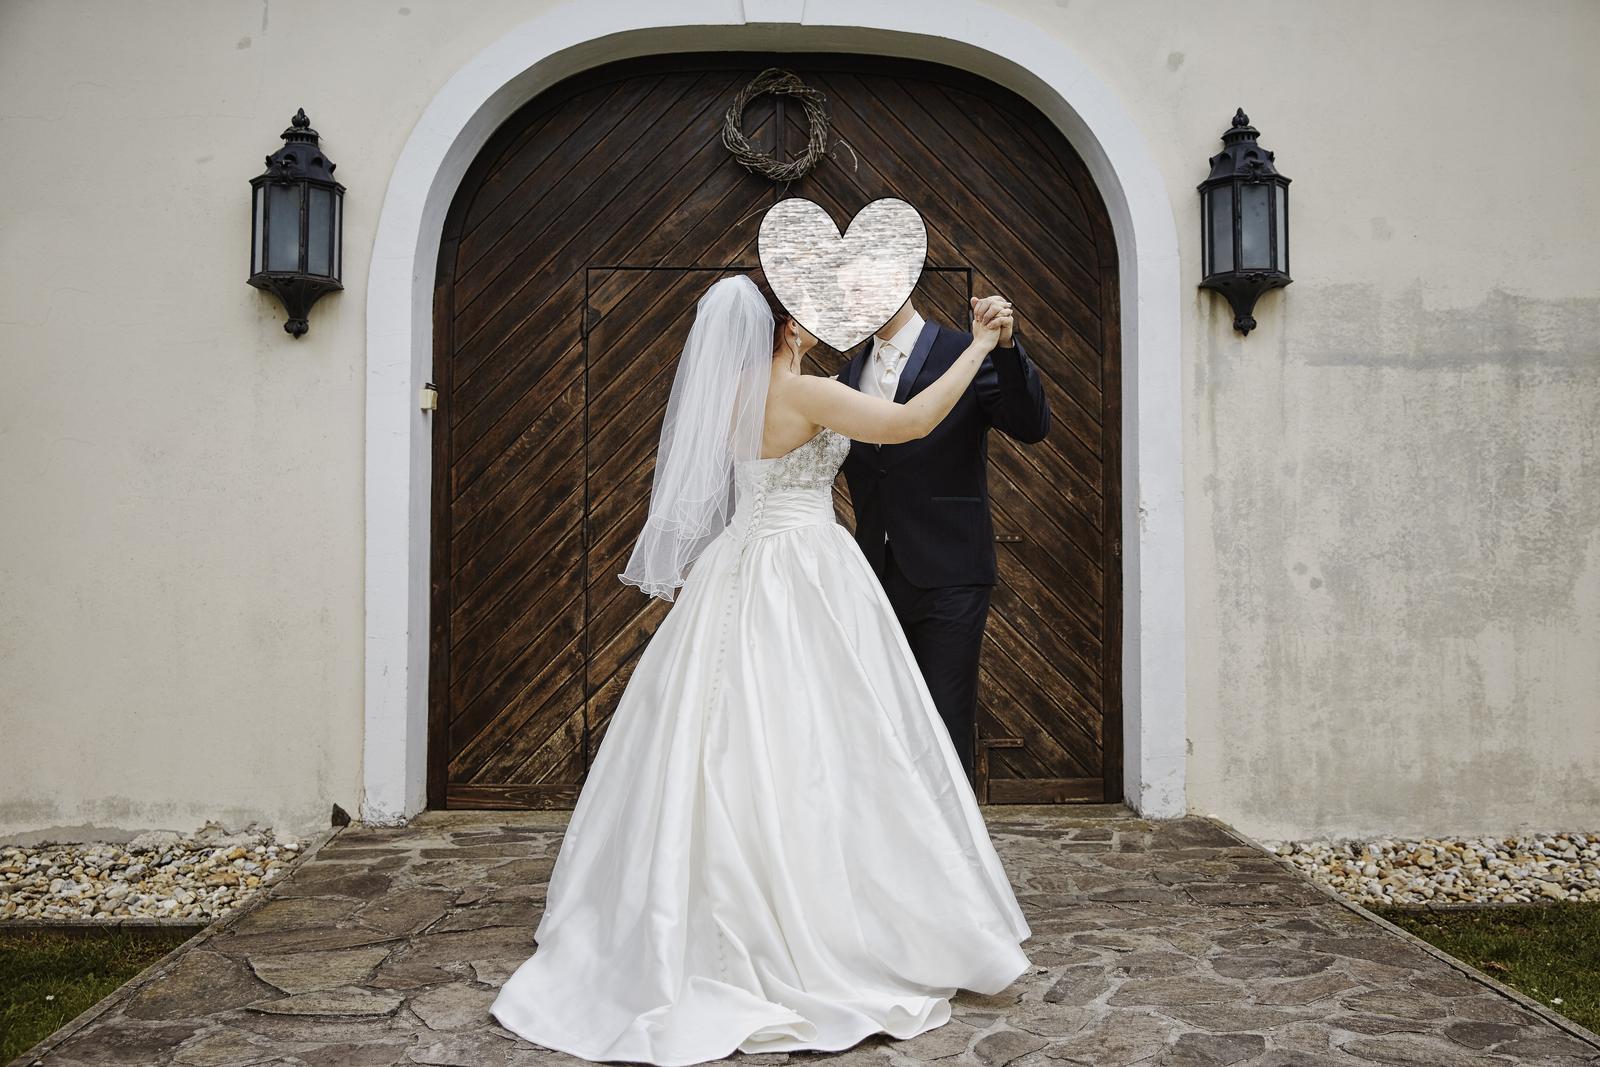 vynimocne svadobne saty - Obrázok č. 2